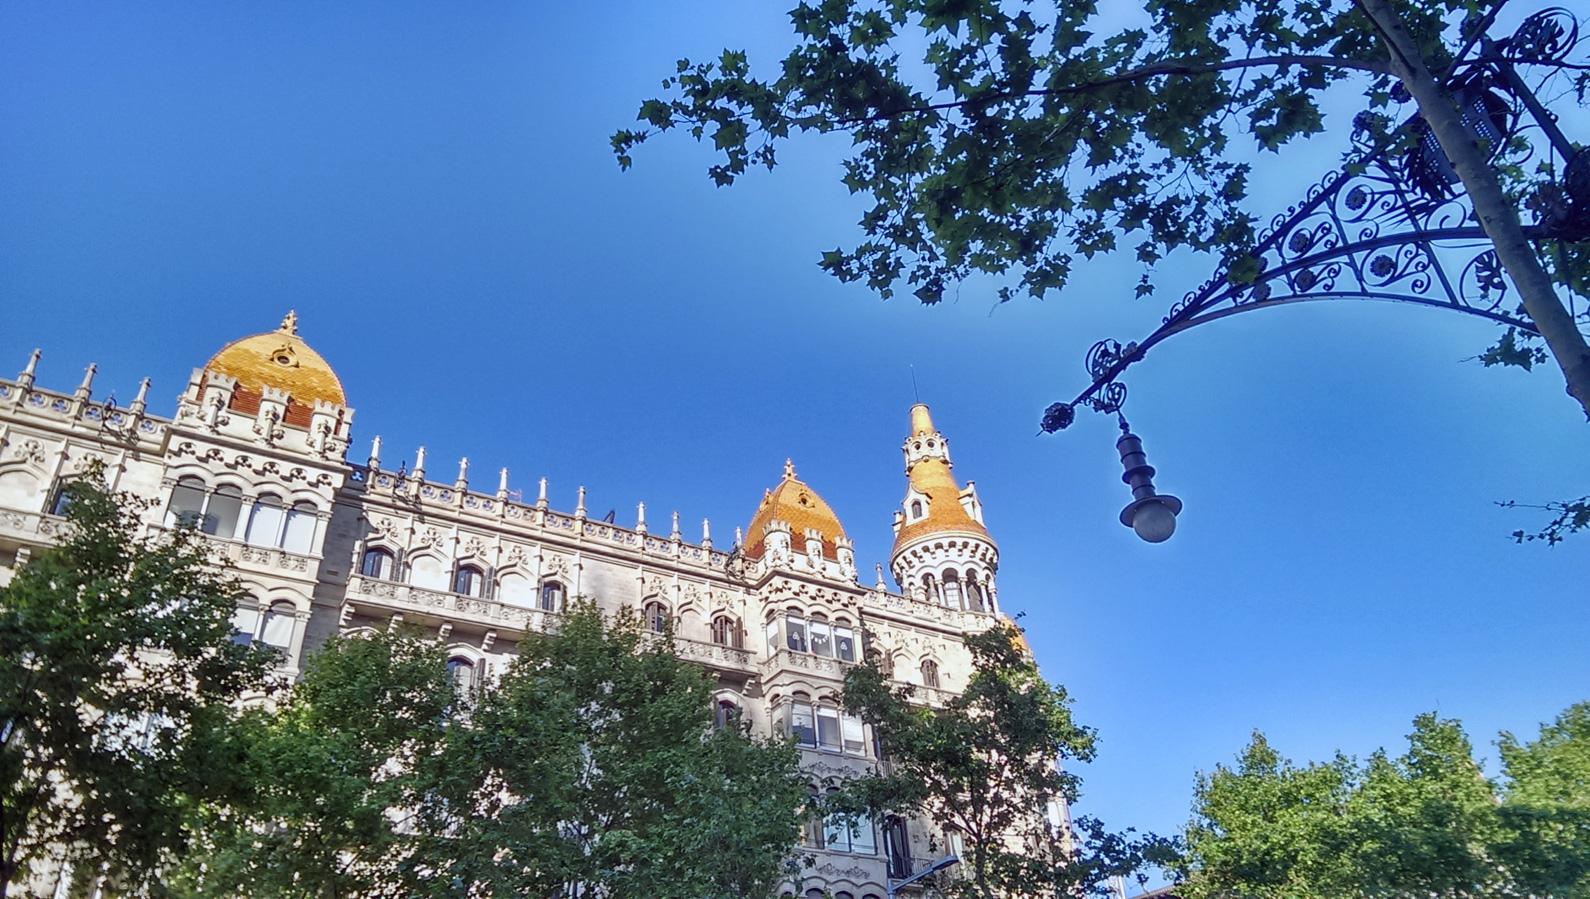 Paseo de Gracia, Barcelona, 2 de mayo de 2016